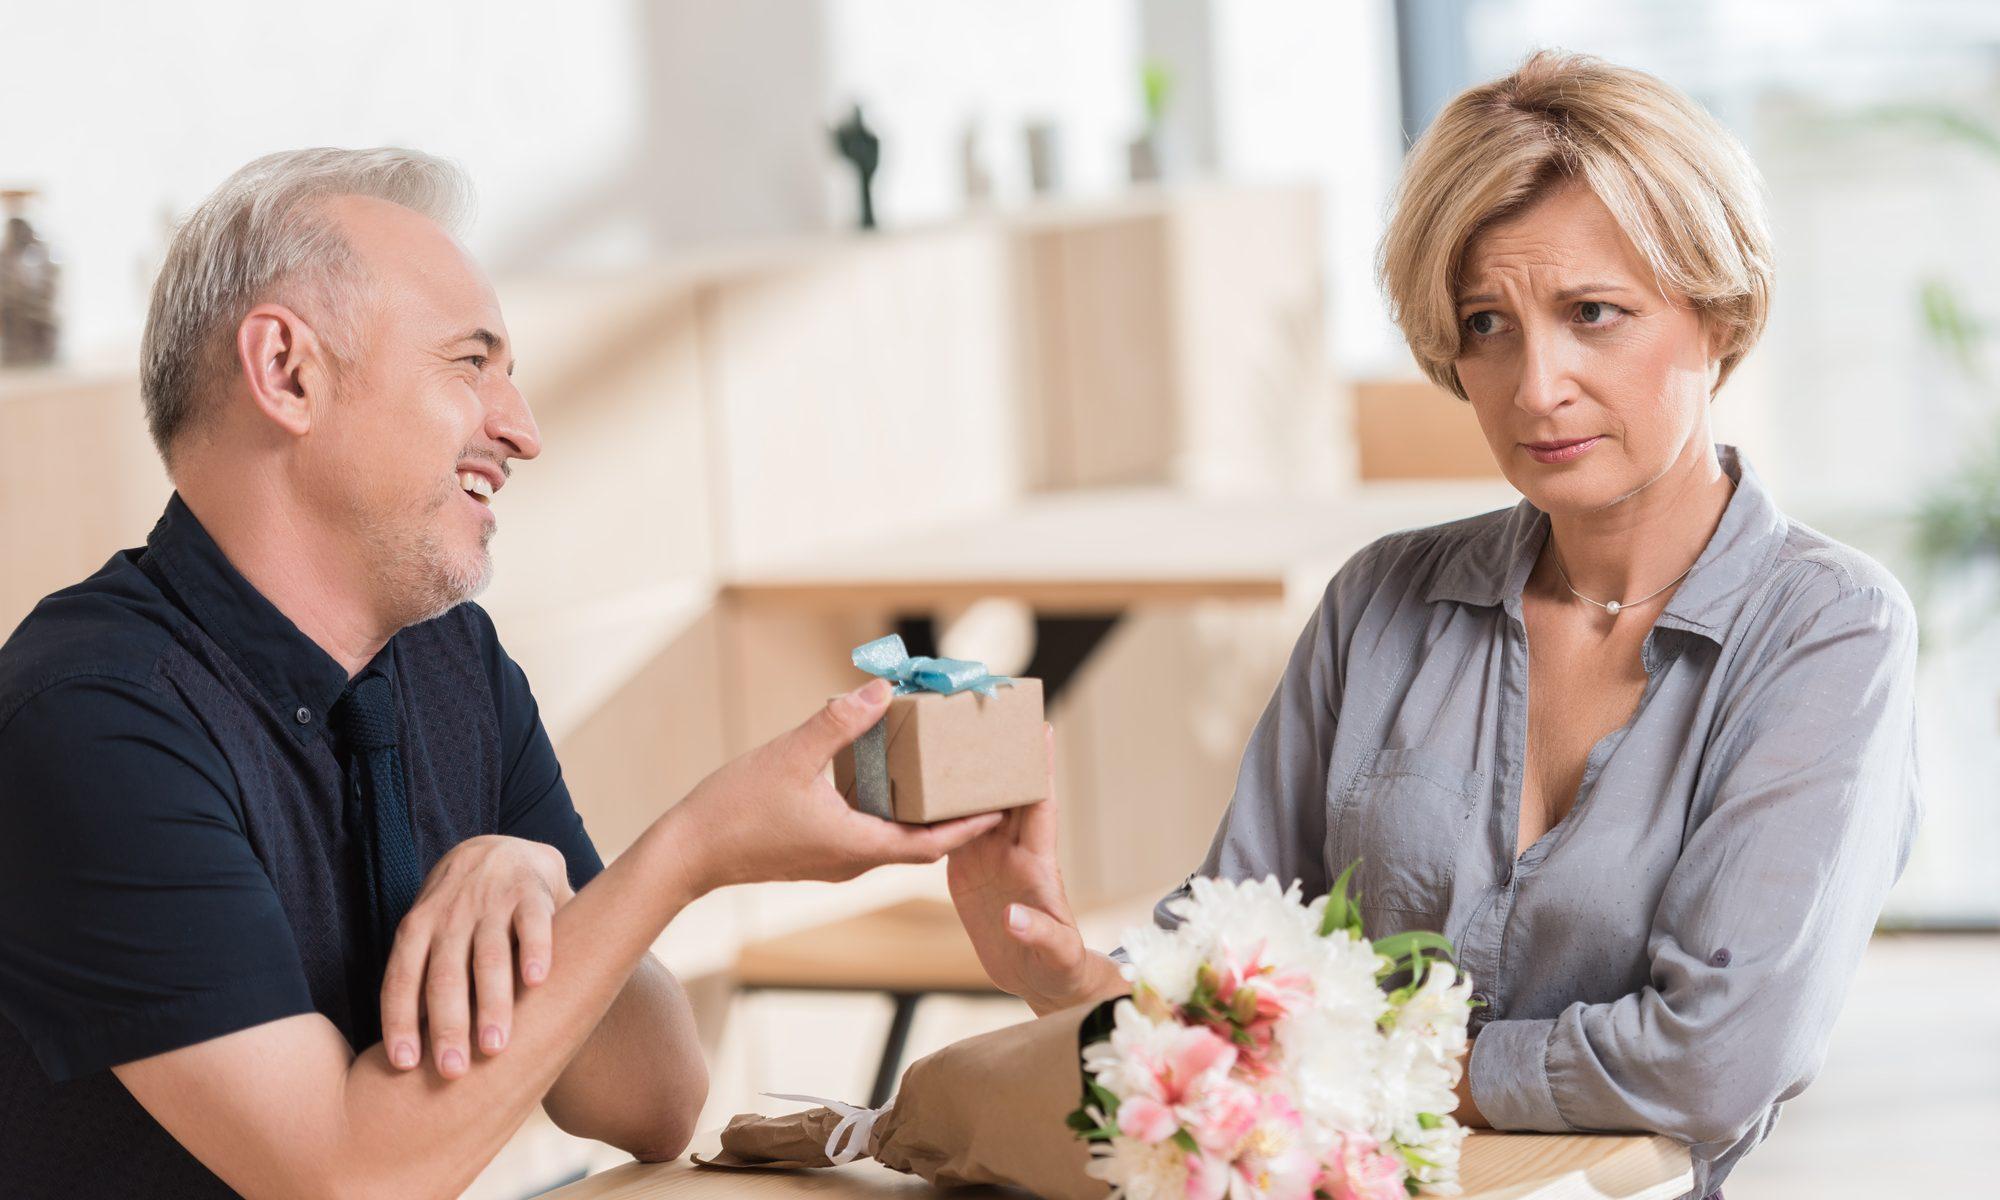 Dating-Fehler, reifes Paar mit generveter Frau beim ersten Date